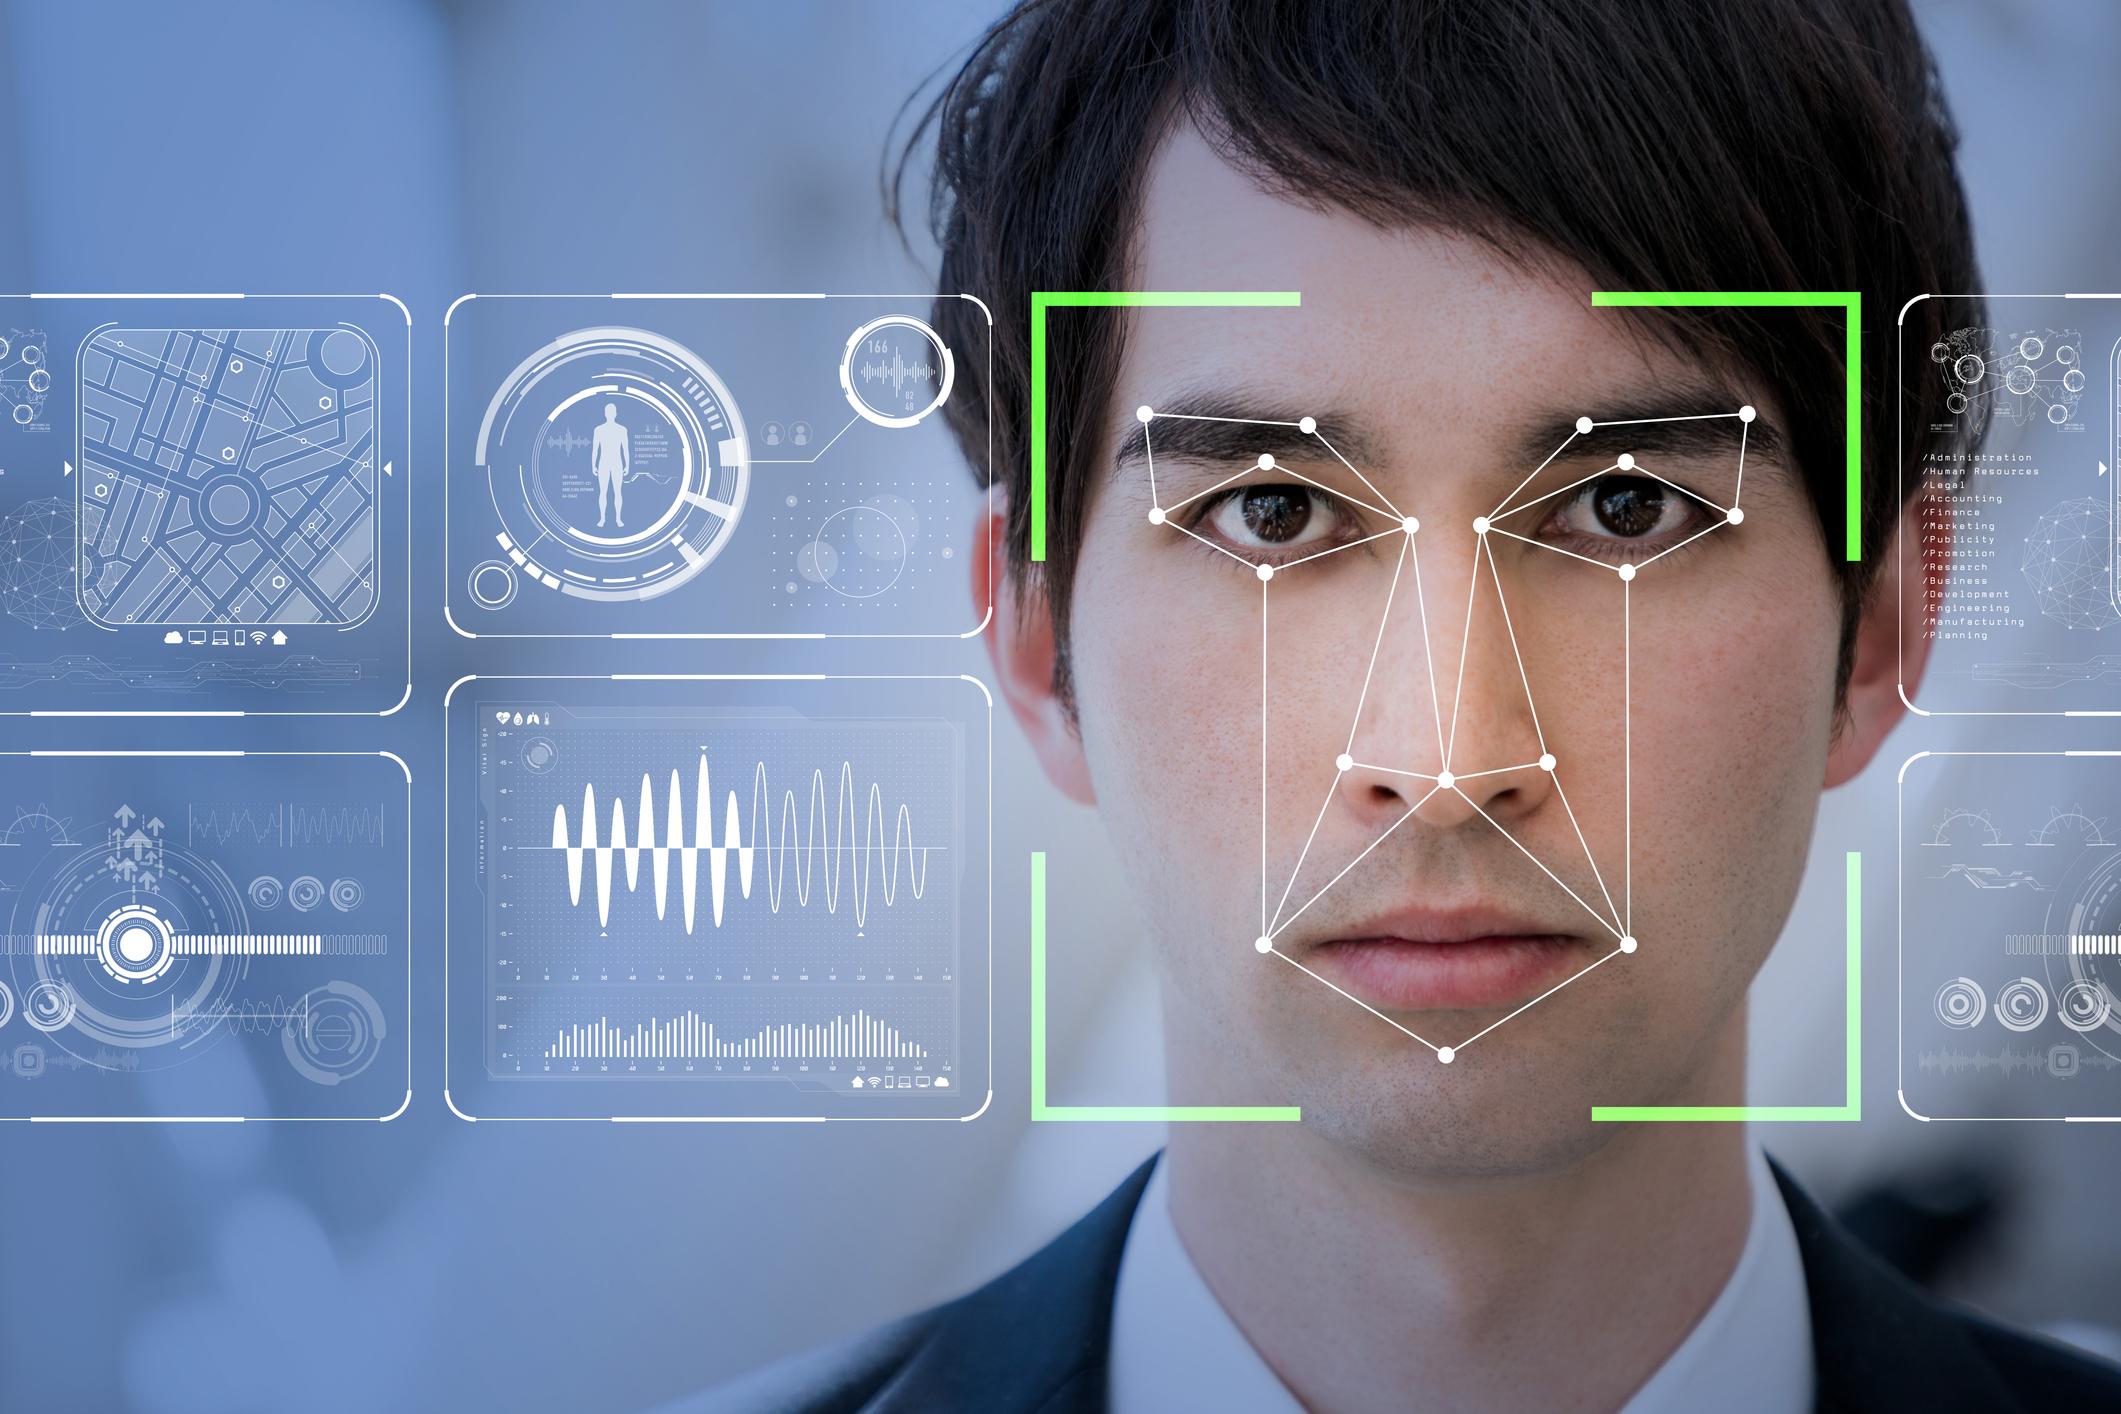 جديد استعمال تقنية التعرف على الوجه بالمغرب